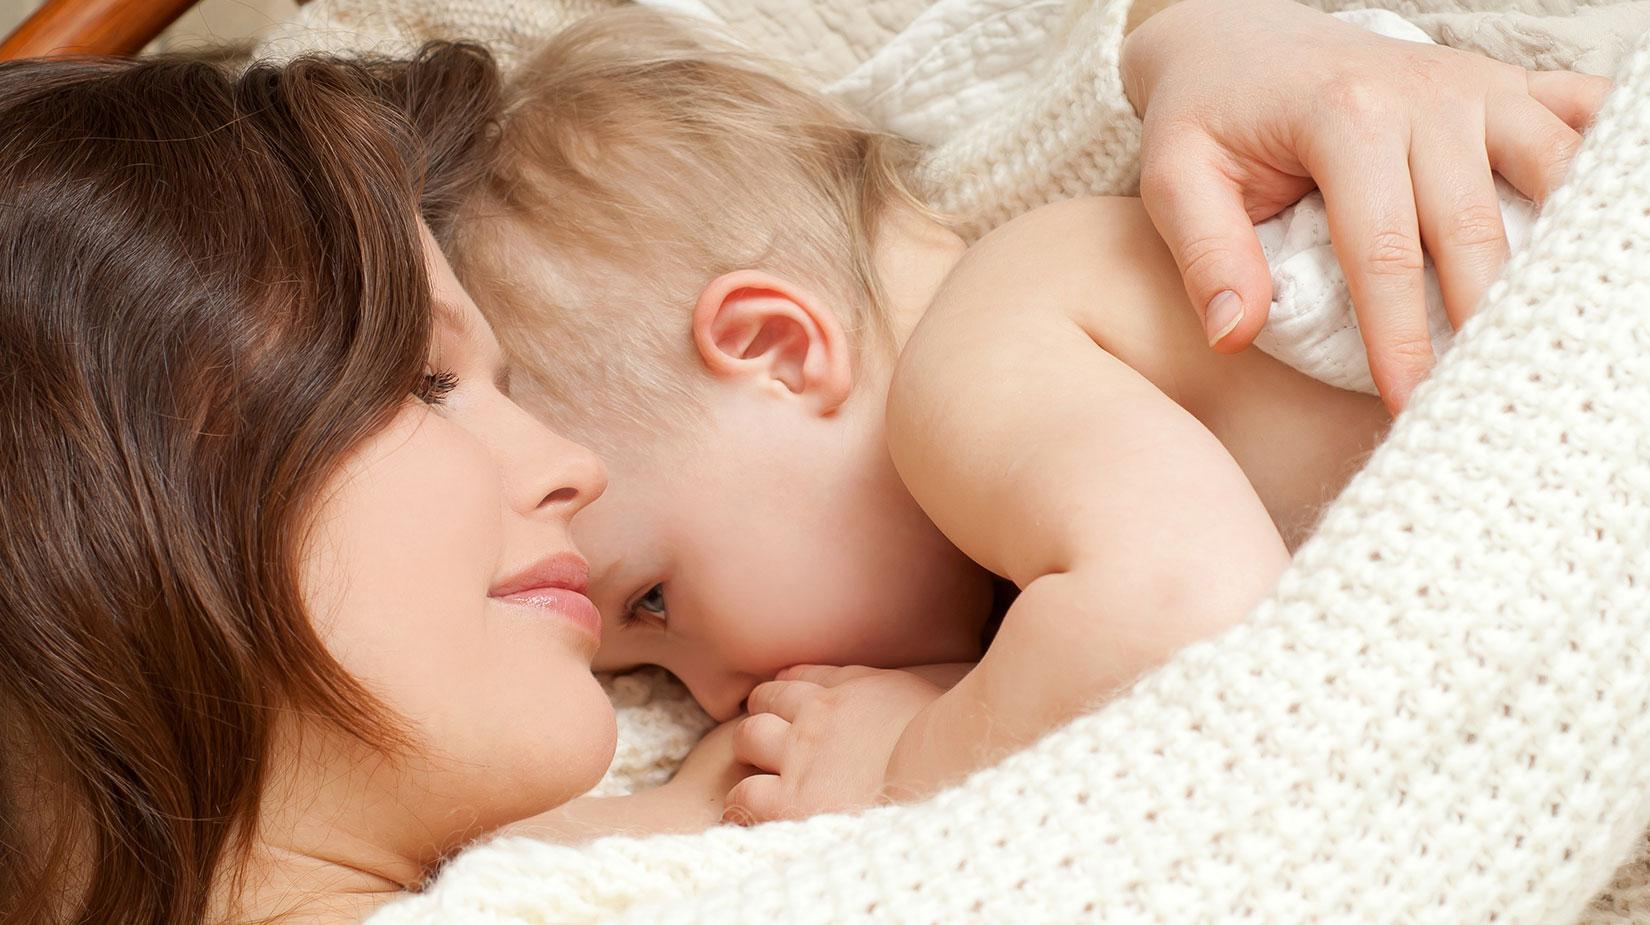 Çalışan Anneler İçin Emzirme Rehberi